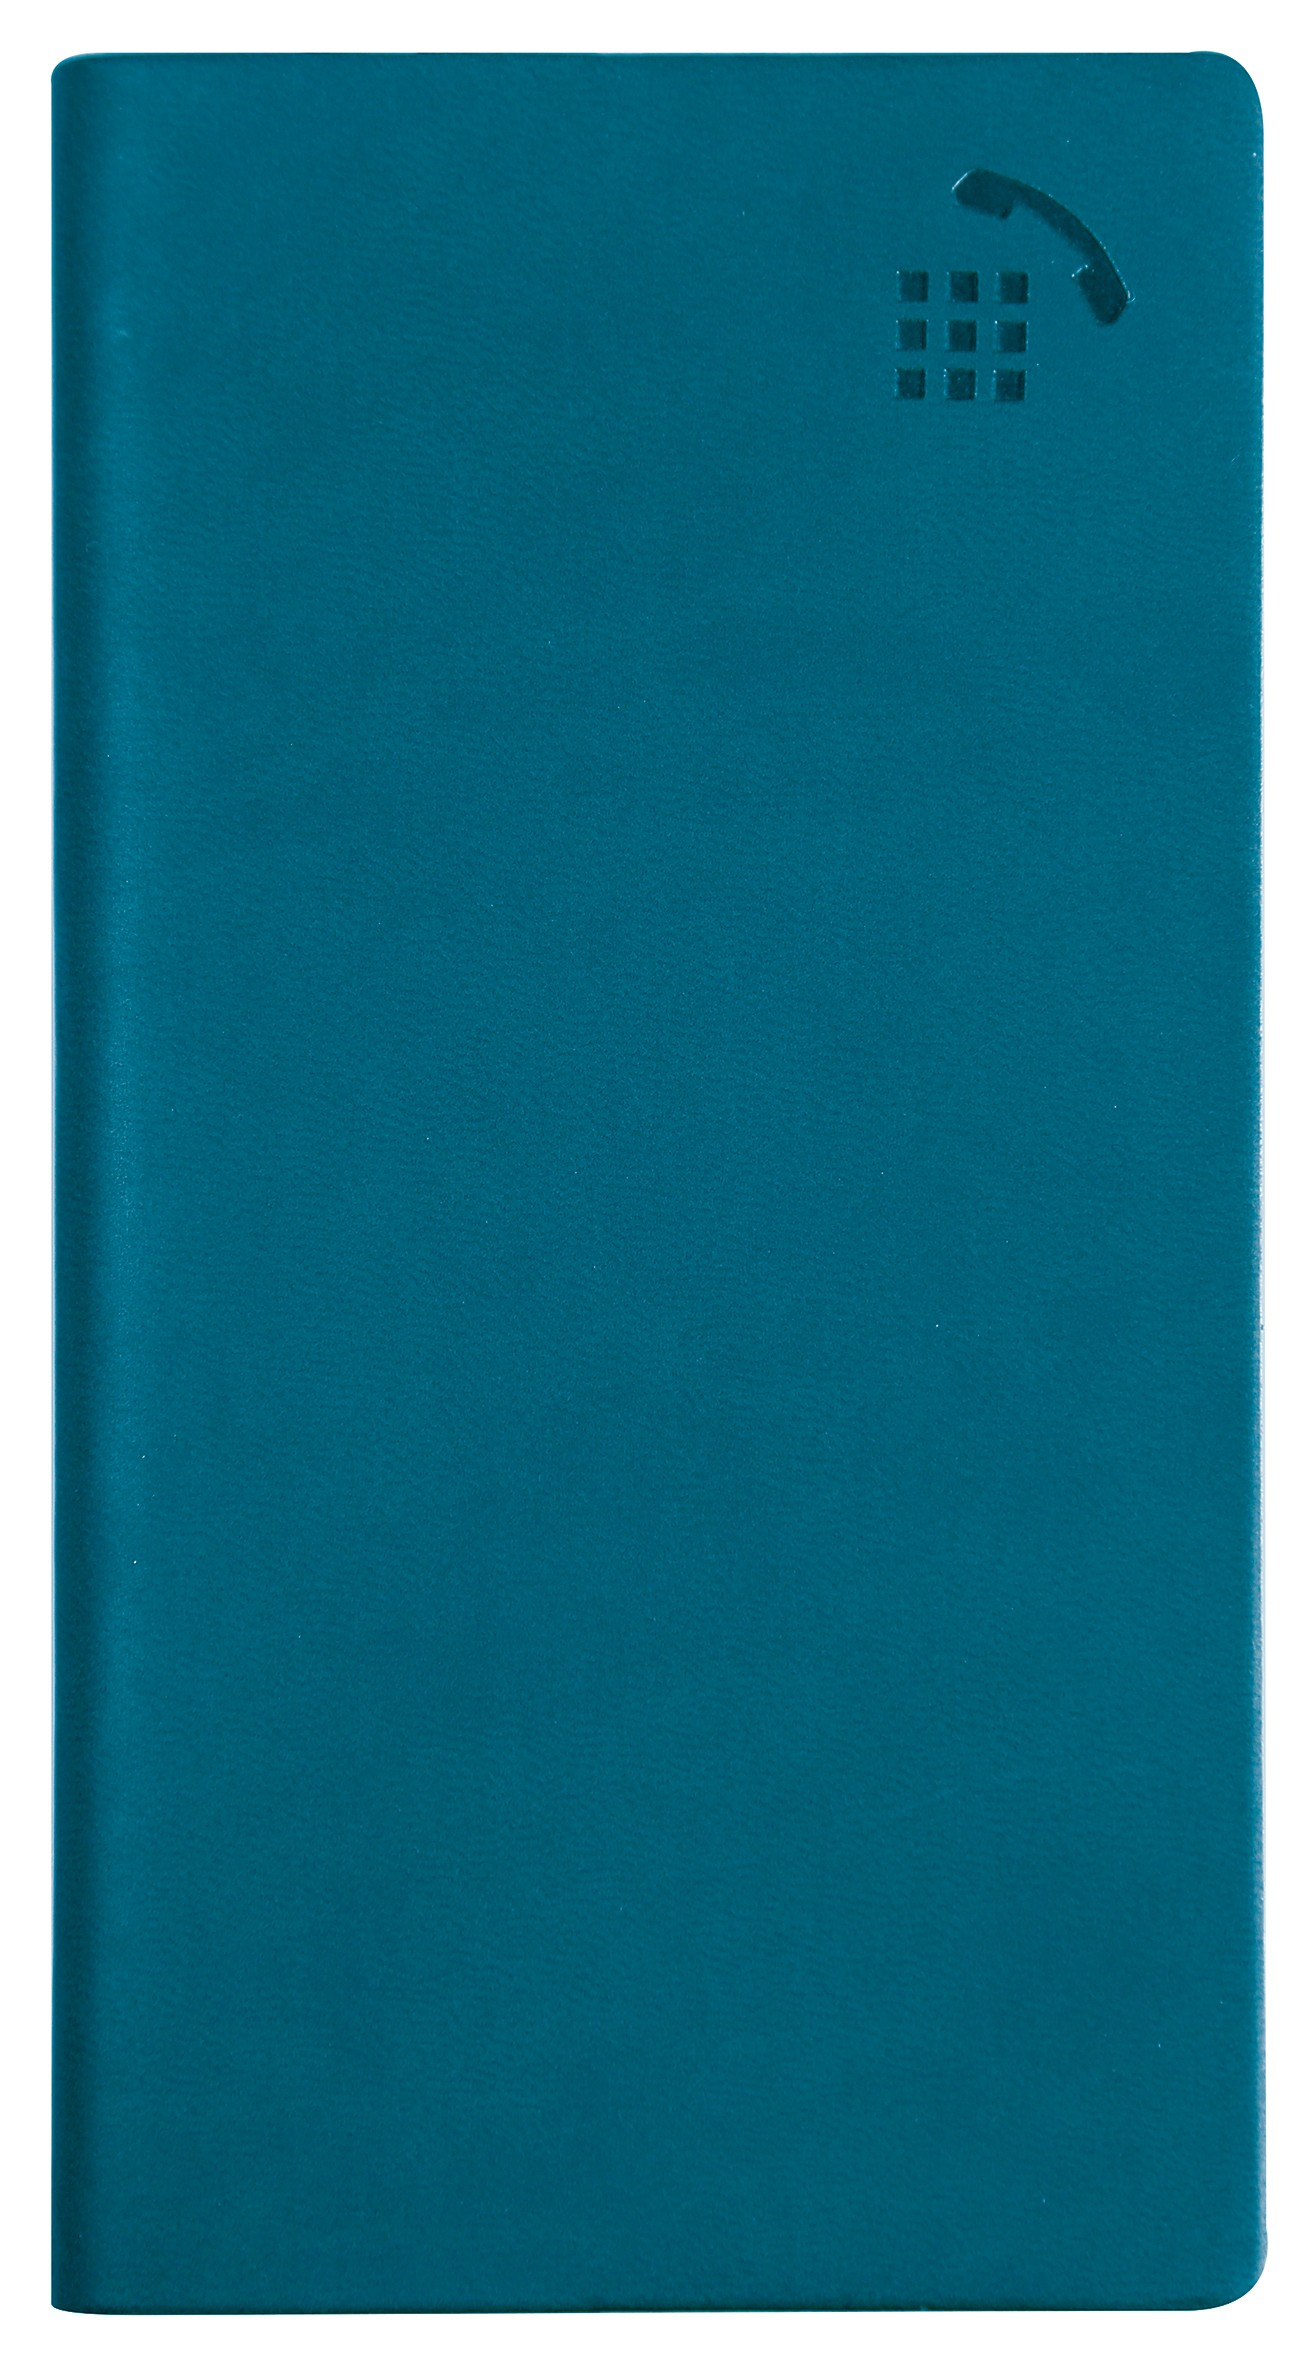 Répertoire Carnet d'adresses Winner - 8,6 x 15,8 cm - disponible dans différentes couleurs - Exacompta